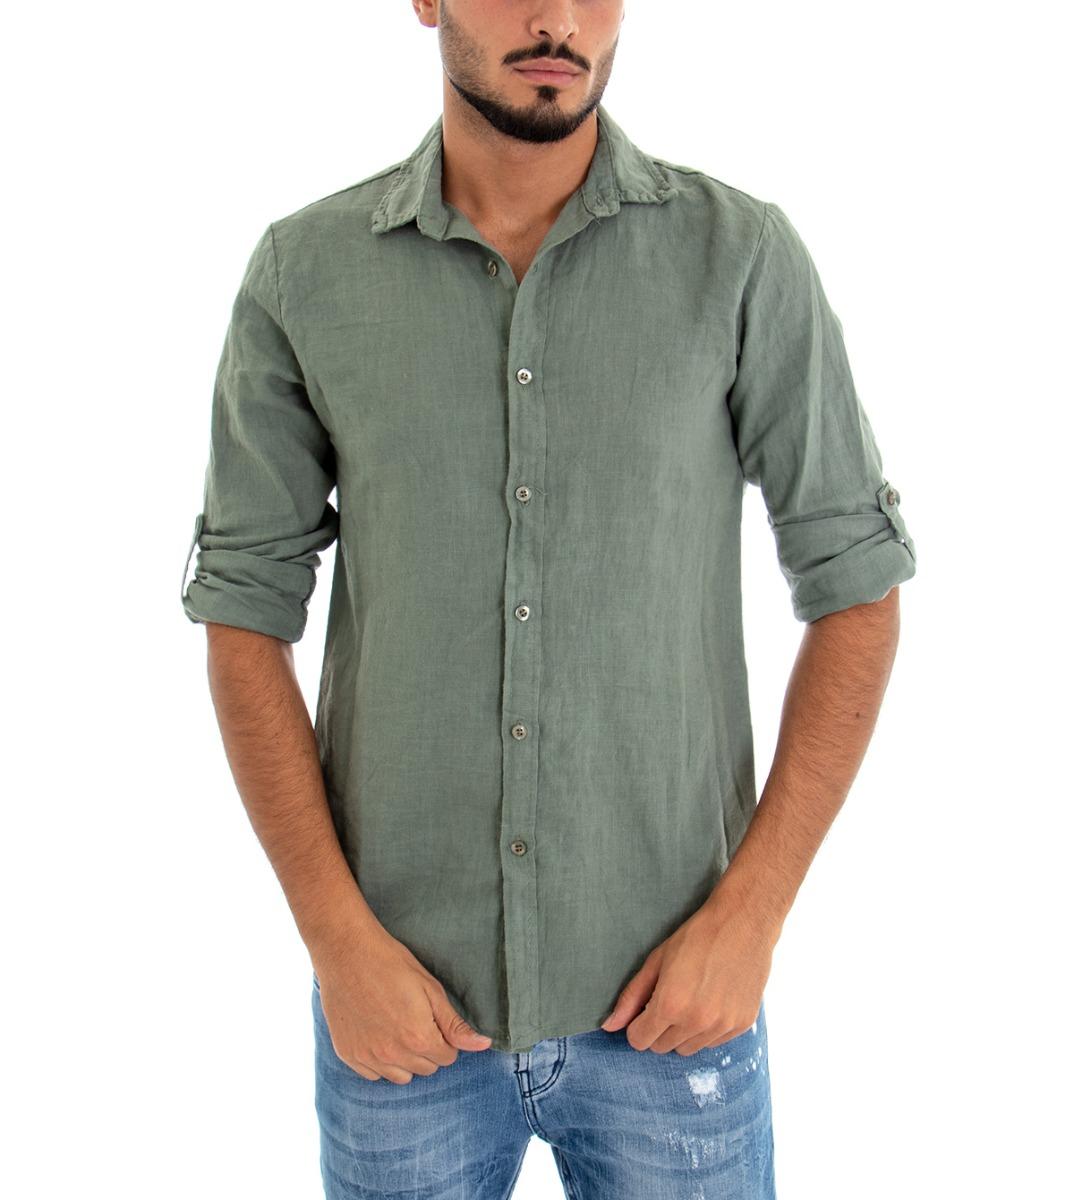 Camicia-Uomo-Lino-Maniche-Lunghe-Colletto-Tinta-Unita-Verde-GIOSAL miniatura 3